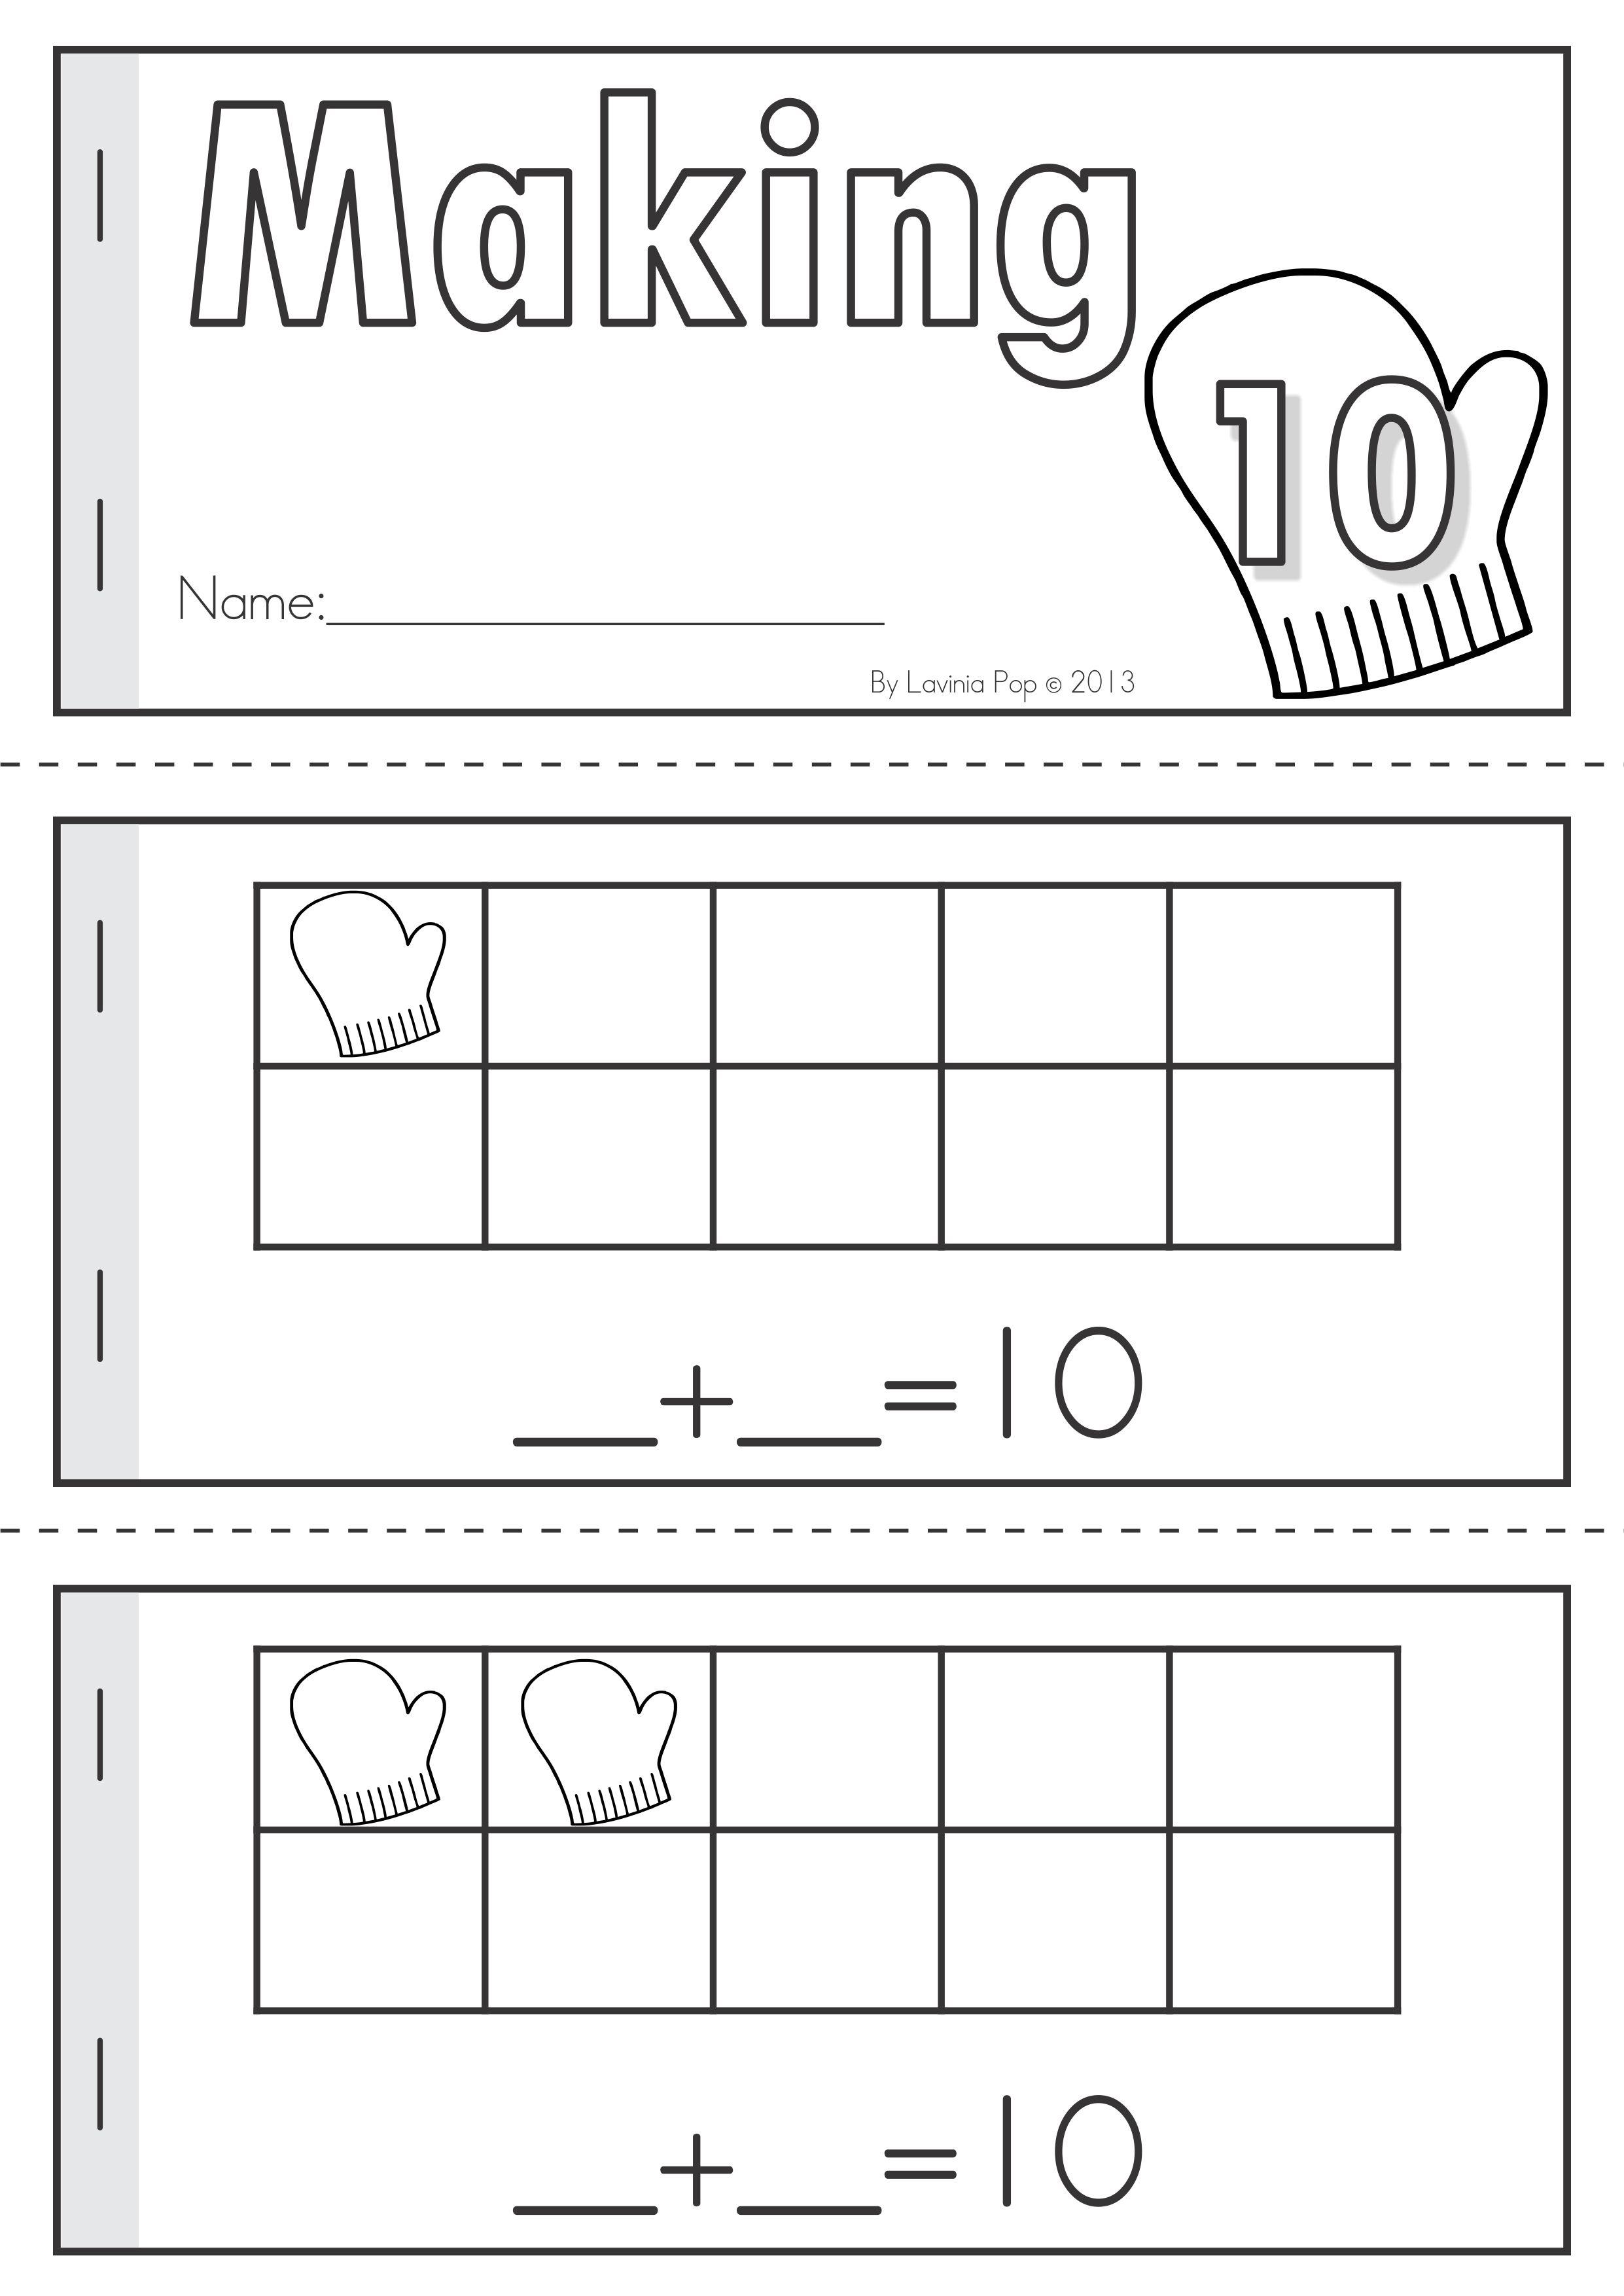 Winter Math Worksheets Activities No Prep For Kindergarten Making 10 Ten Frame Booklet Winter Math Worksheets Literacy Worksheets Math Worksheets Maths literacy worksheets grade 10